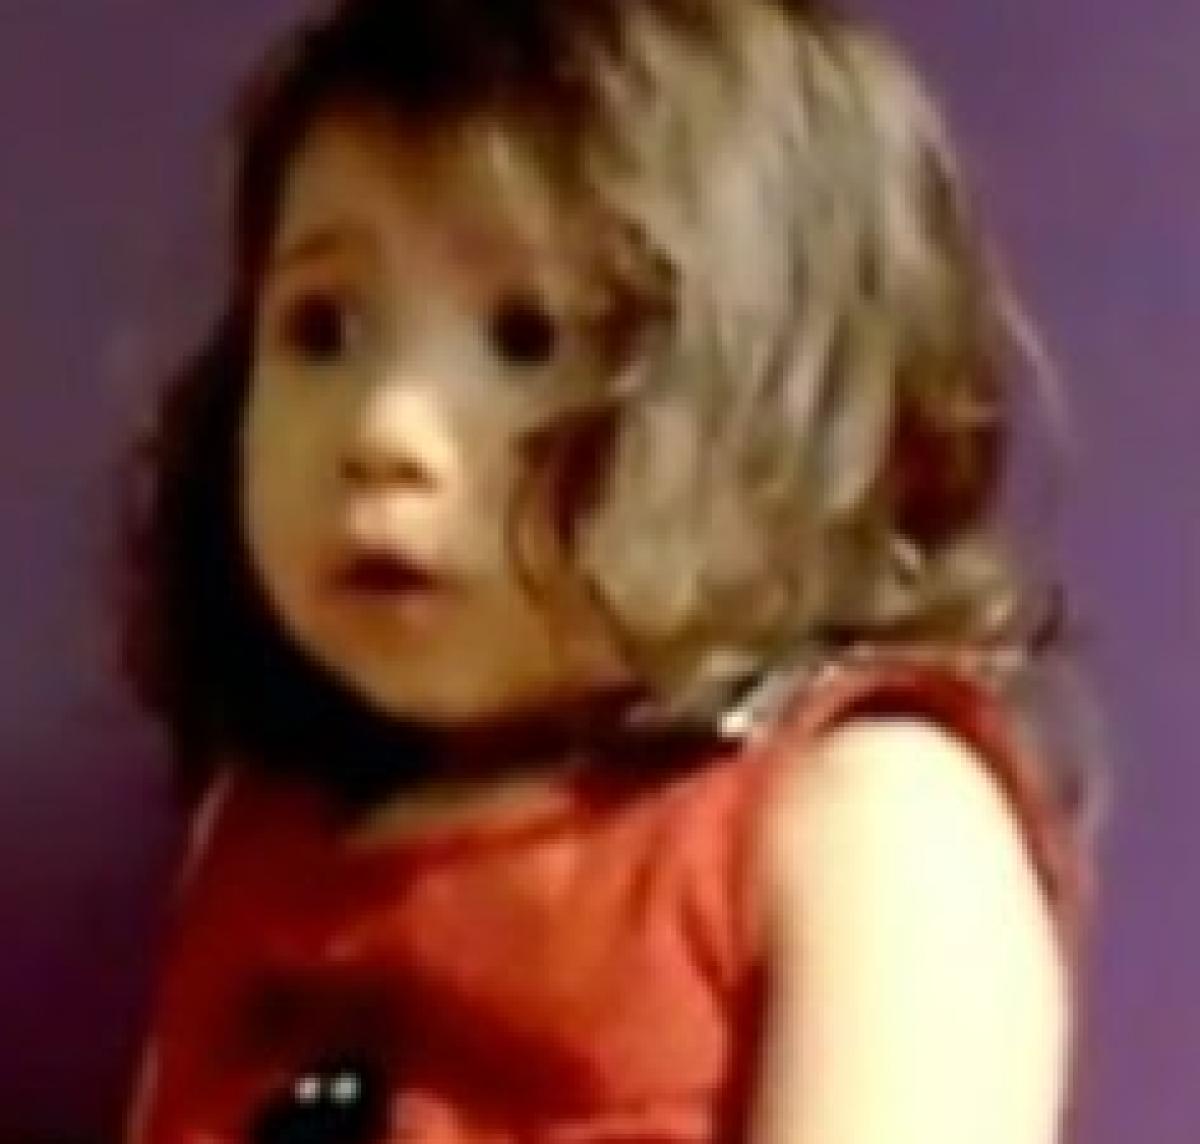 Τριών χρονών και… αστέρι στα video games του μπαμπά! (βίντεο)